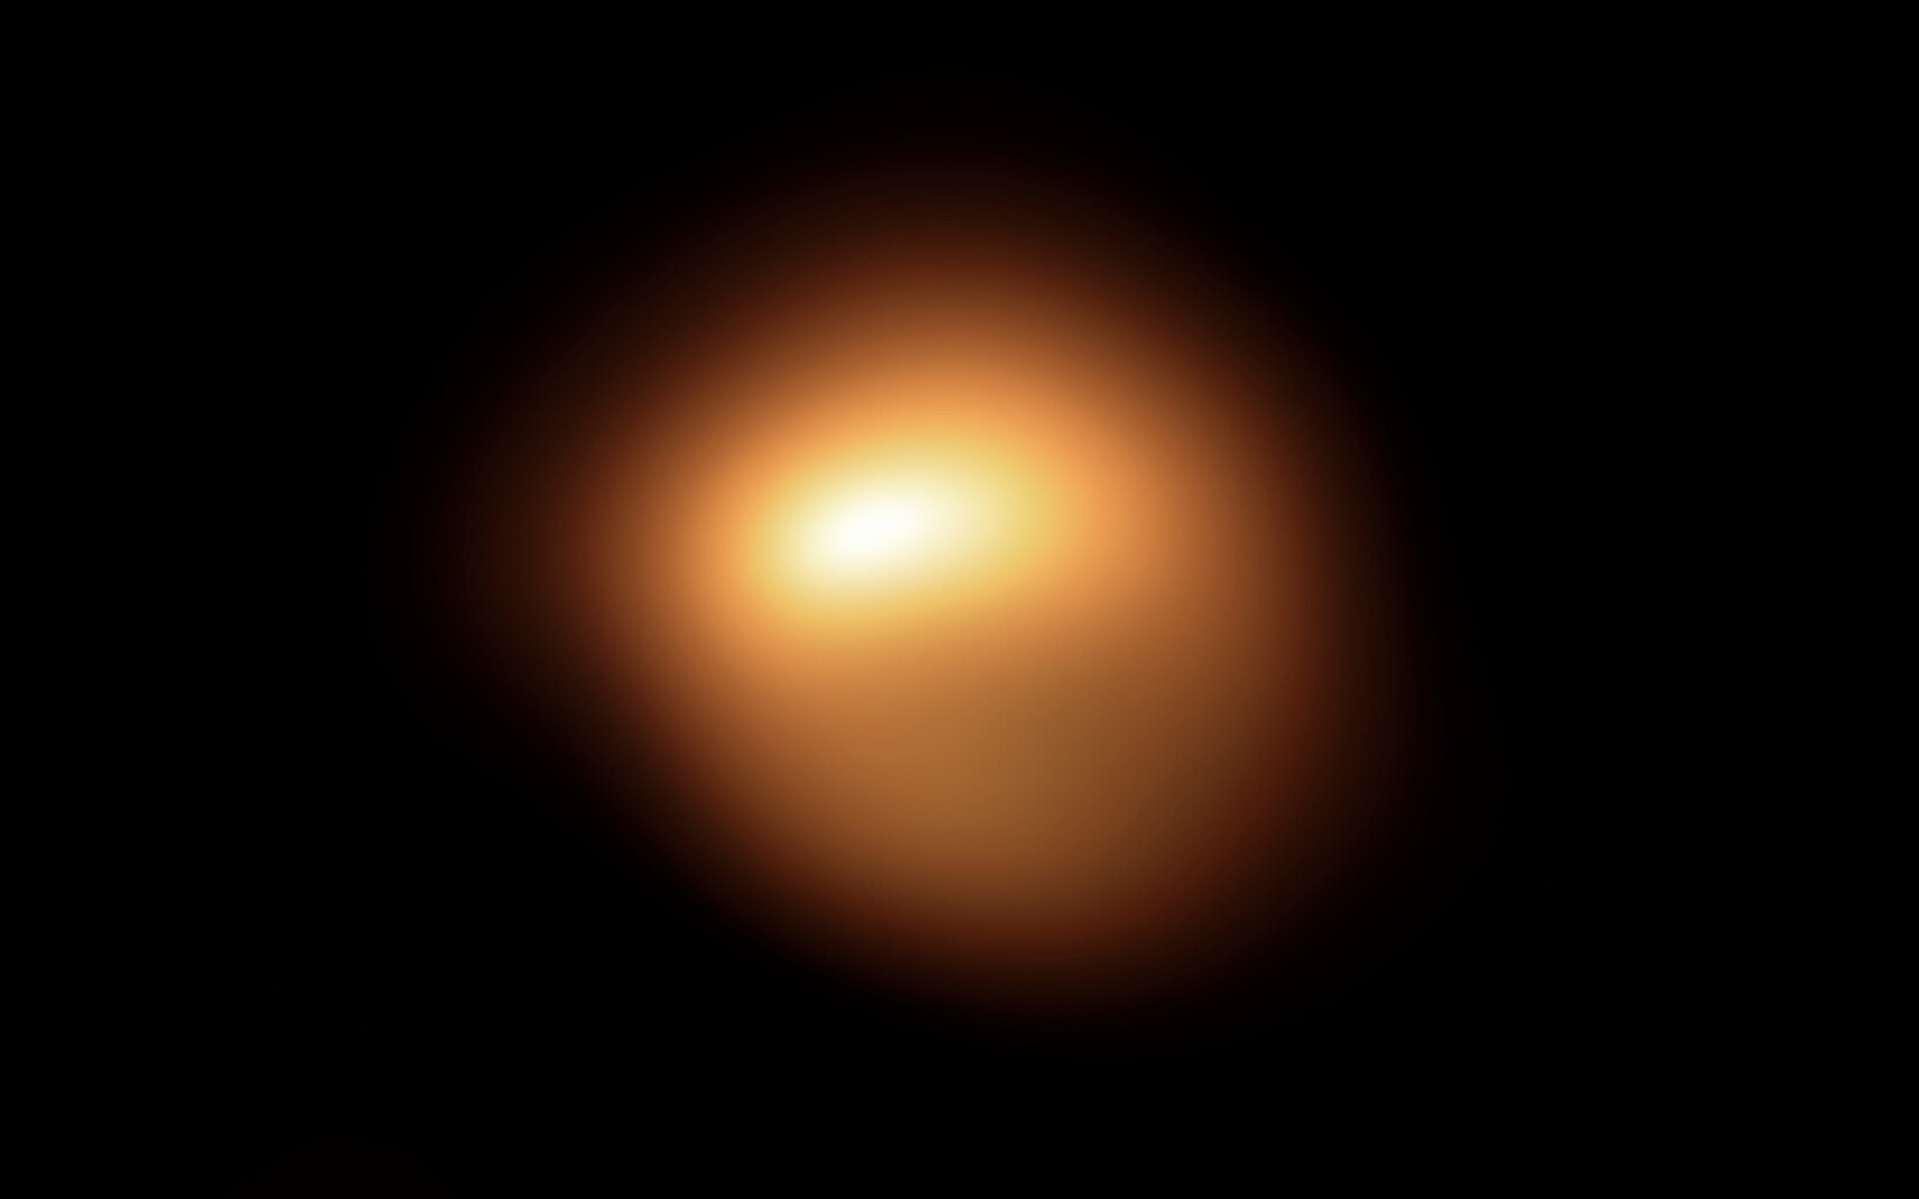 La supergéante rouge Bételgeuse dans la constellation d'Orion subit une baisse de luminosité sans précédent. Cette surprenante image de la surface de l'étoile acquise en fin d'année dernière au moyen de l'instrument Sphere qui équipe le Very Large Telescope de l'ESO, est l'une des toutes premières obtenues dans le cadre d'une campagne d'observations visant à comprendre la raison de l'affadissement de l'étoile. Une rapide comparaison avec l'image acquise au mois de janvier 2019 montre combien l'étoile a vu sa luminosité décroître et sa forme apparente varier. © ESO, M. Montargès et al.